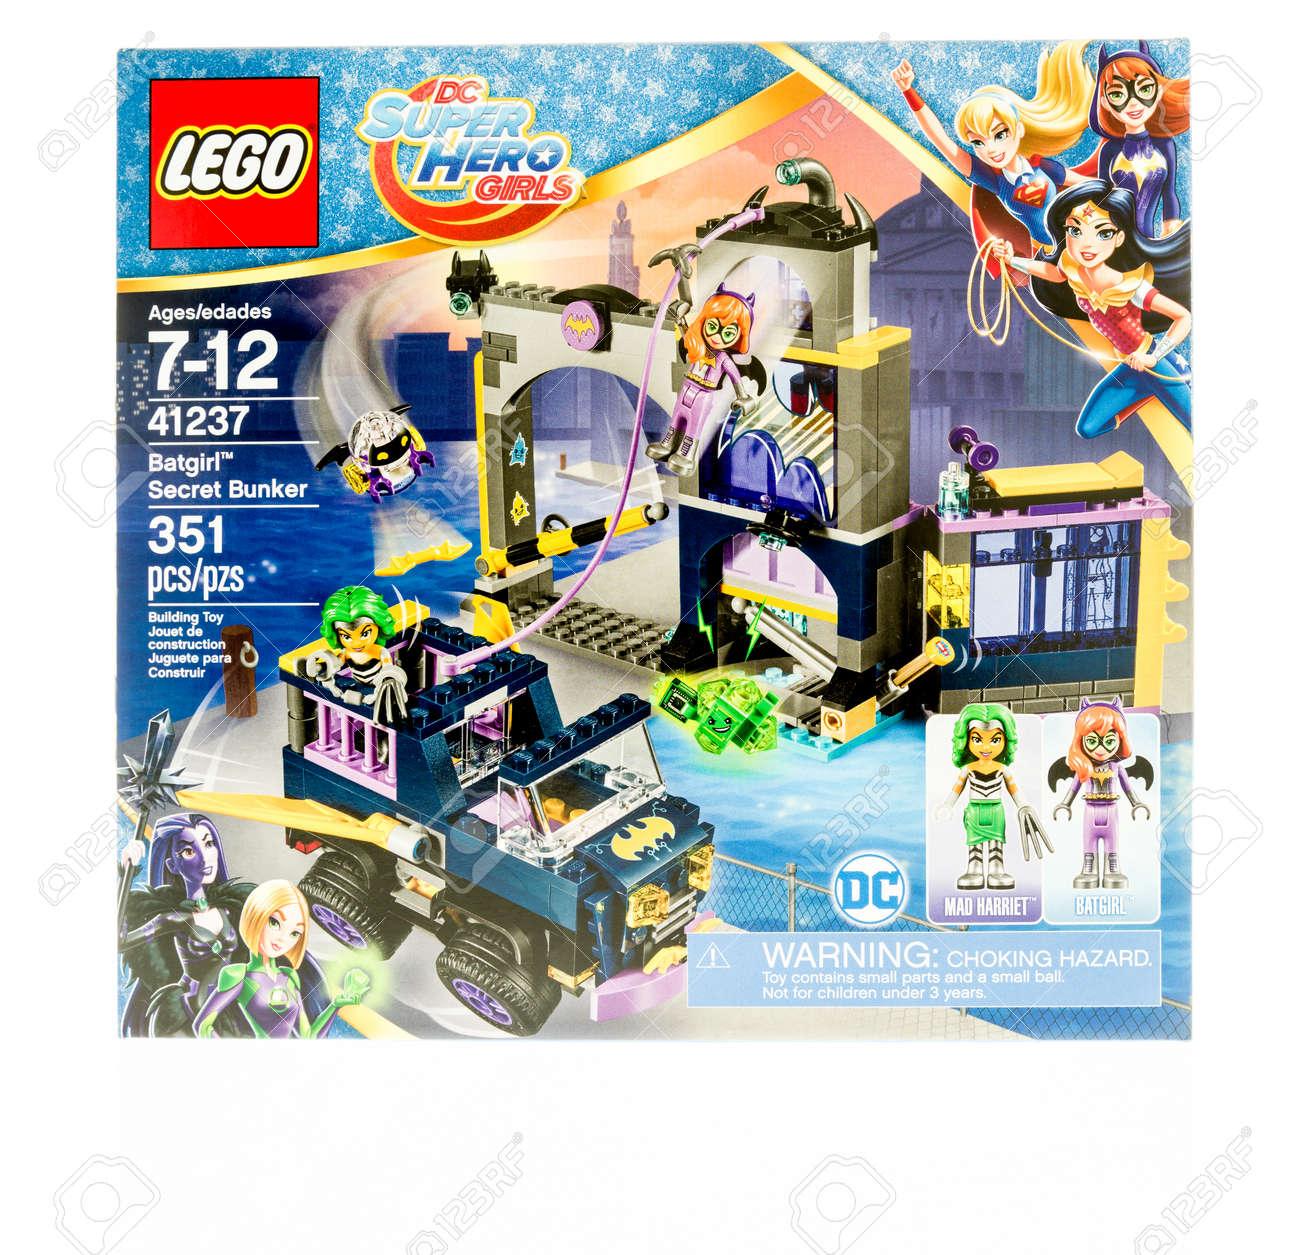 Fond Dc Mettant WinneconneWi Vedette Super De Secret En Girls Sur Isolé Avec Hero Batgirl Lego 19 Dans Bunker Boîte 2017Une Un Novembre 8nNm0Ovyw